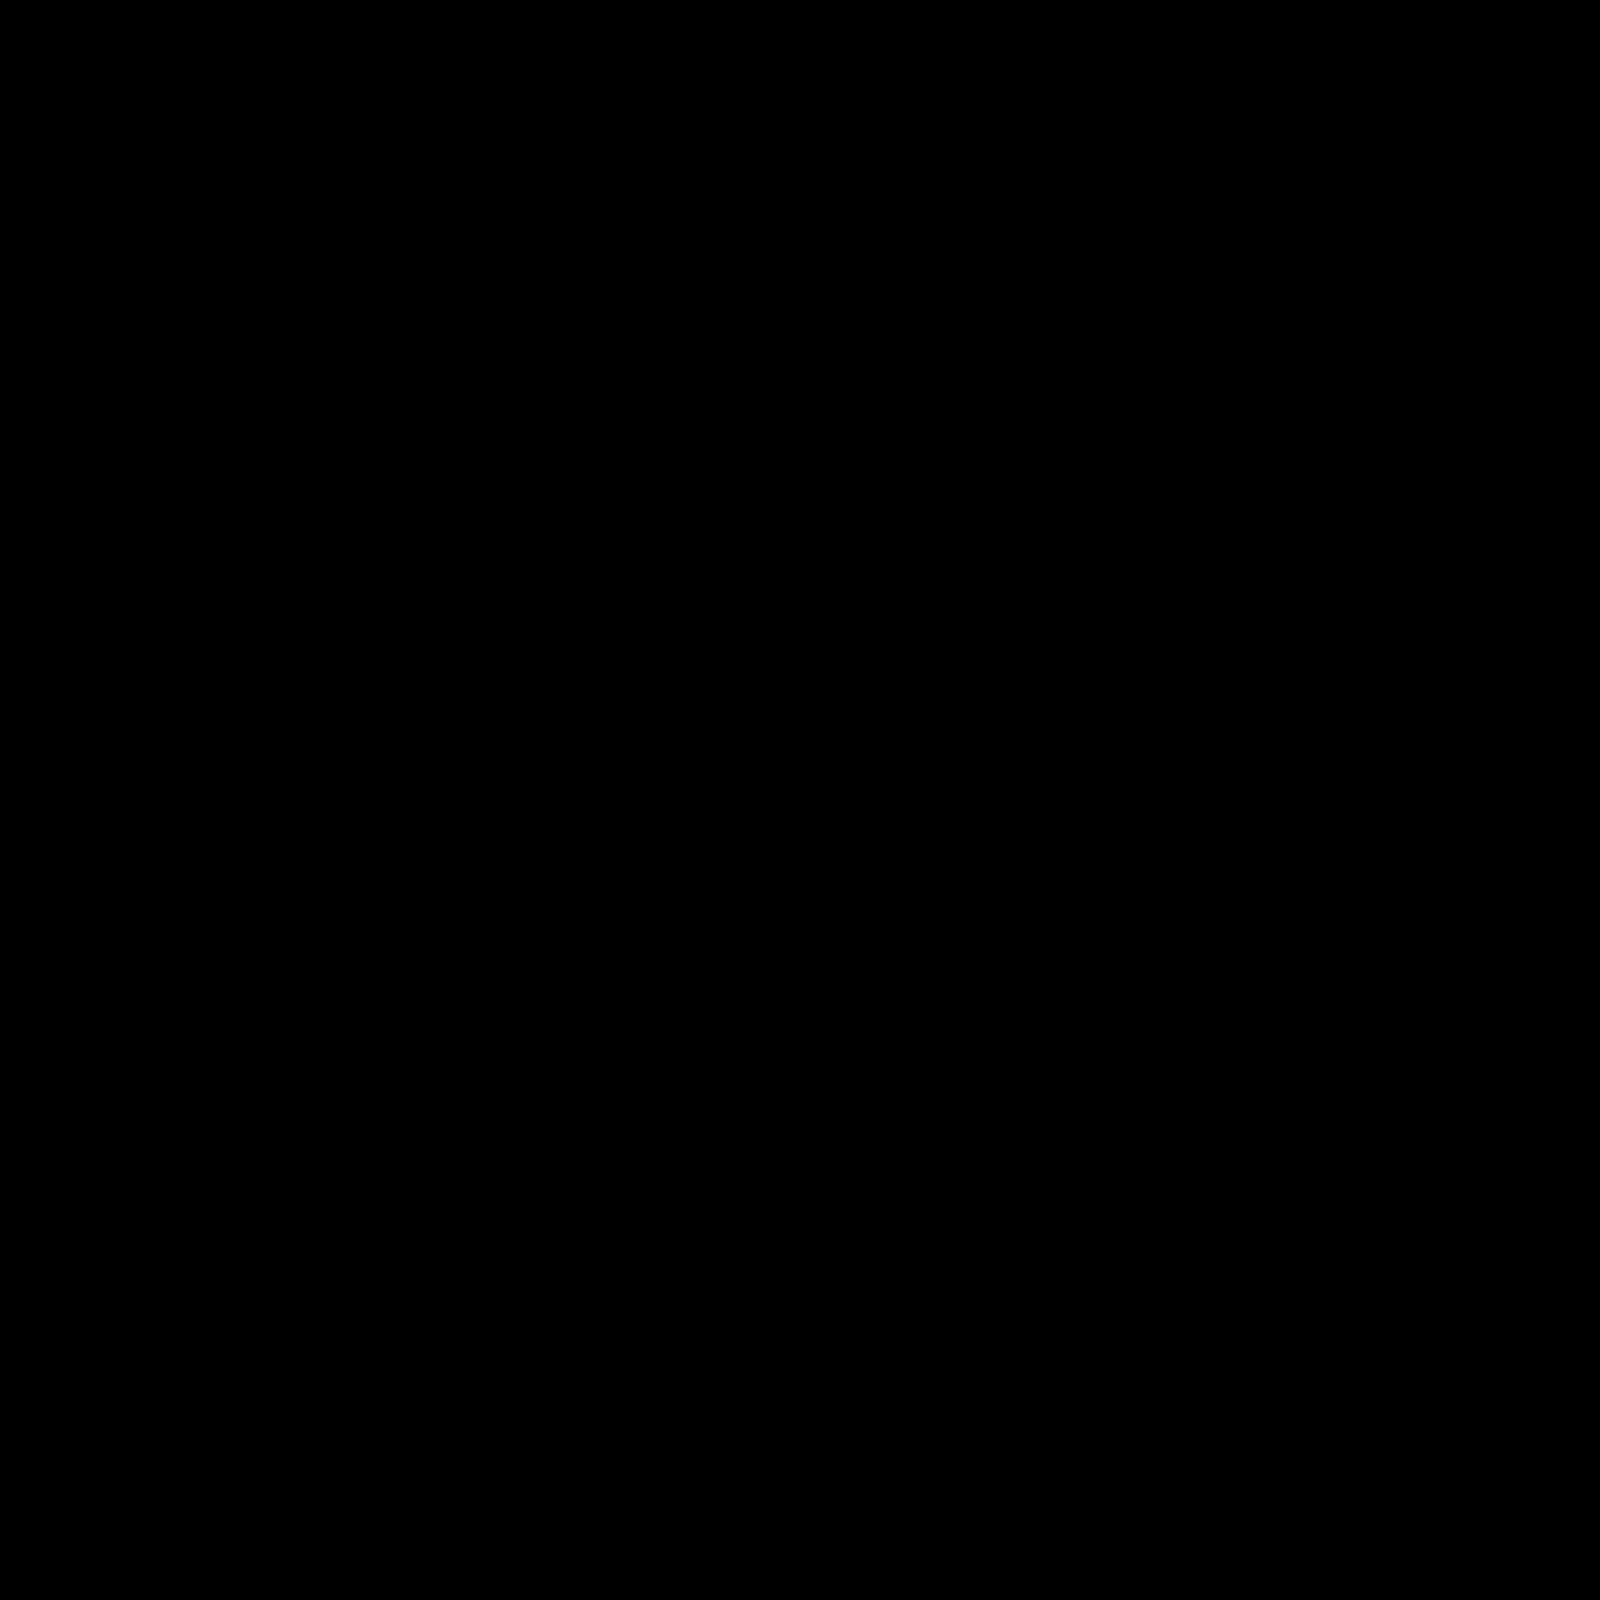 楕円 icon